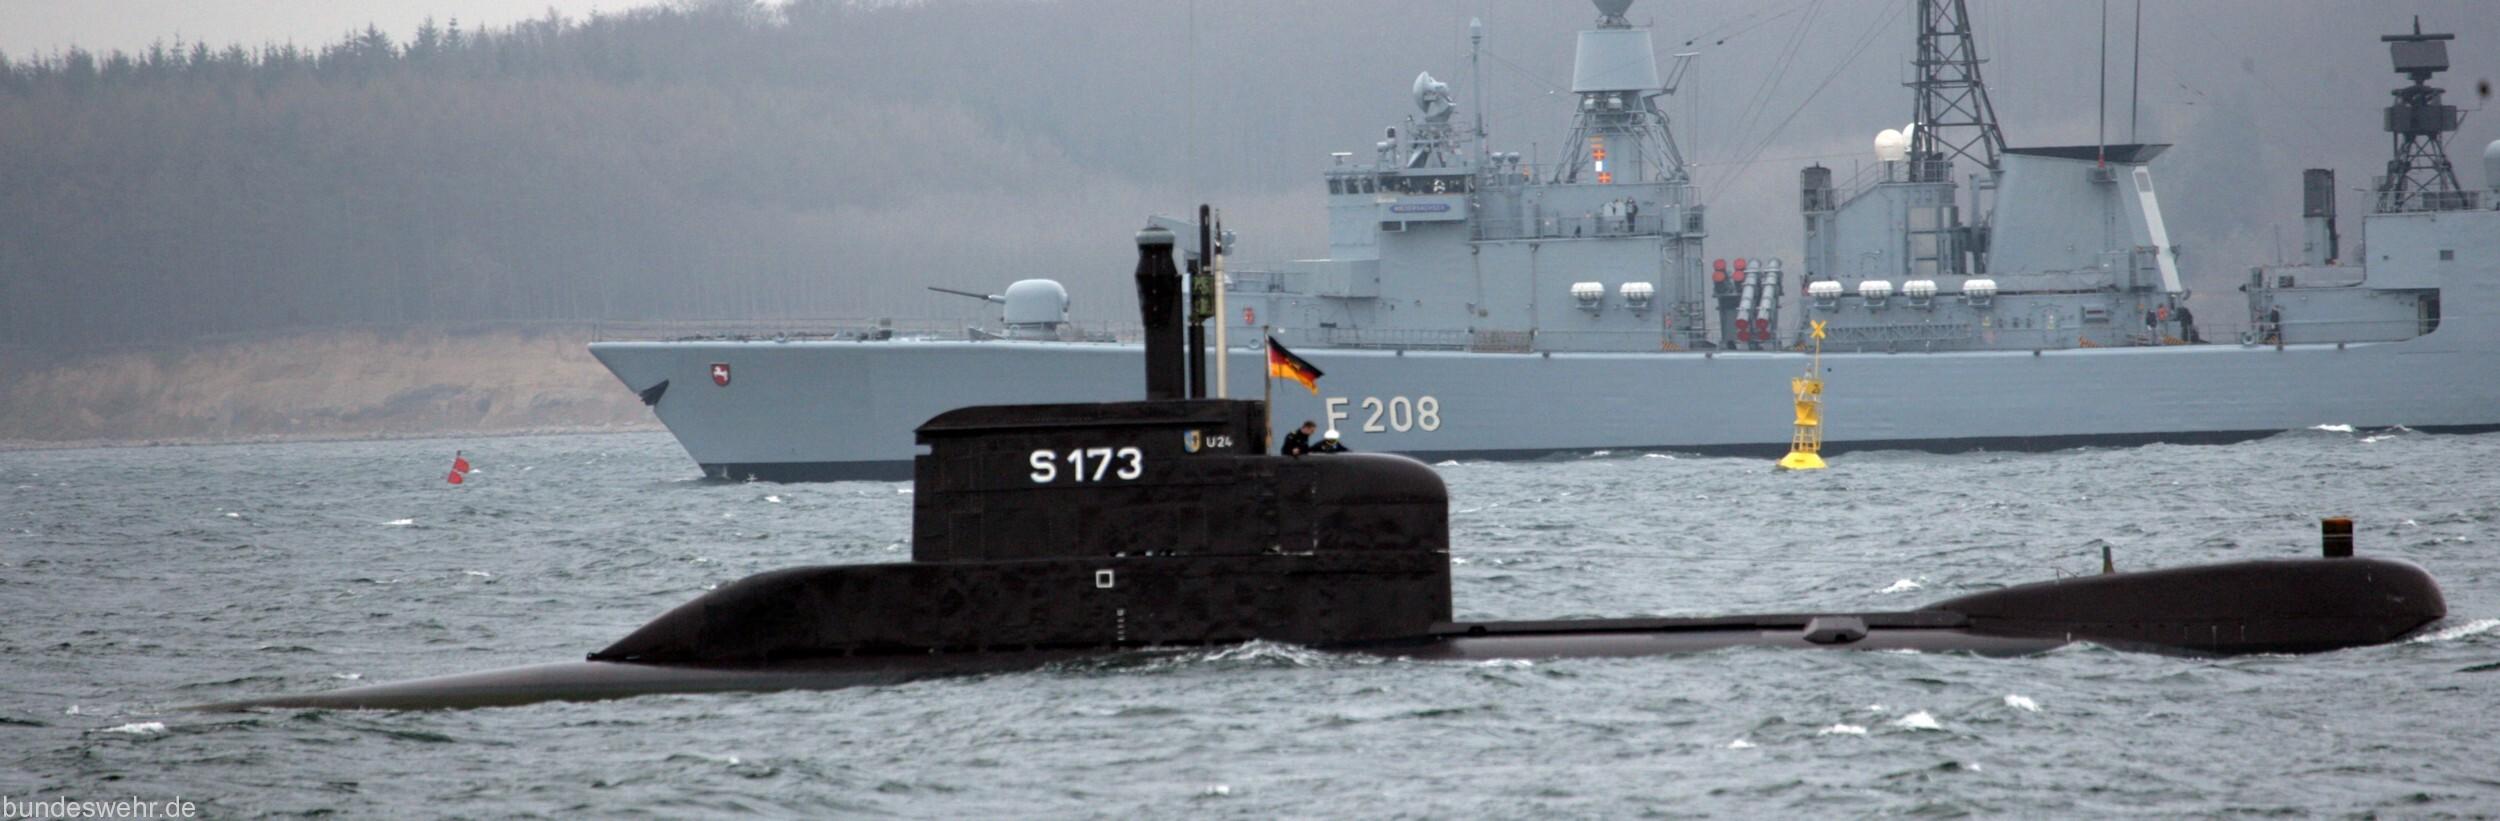 德国男足兵败回家,德国海军也早已衰败,不堪与中国比较